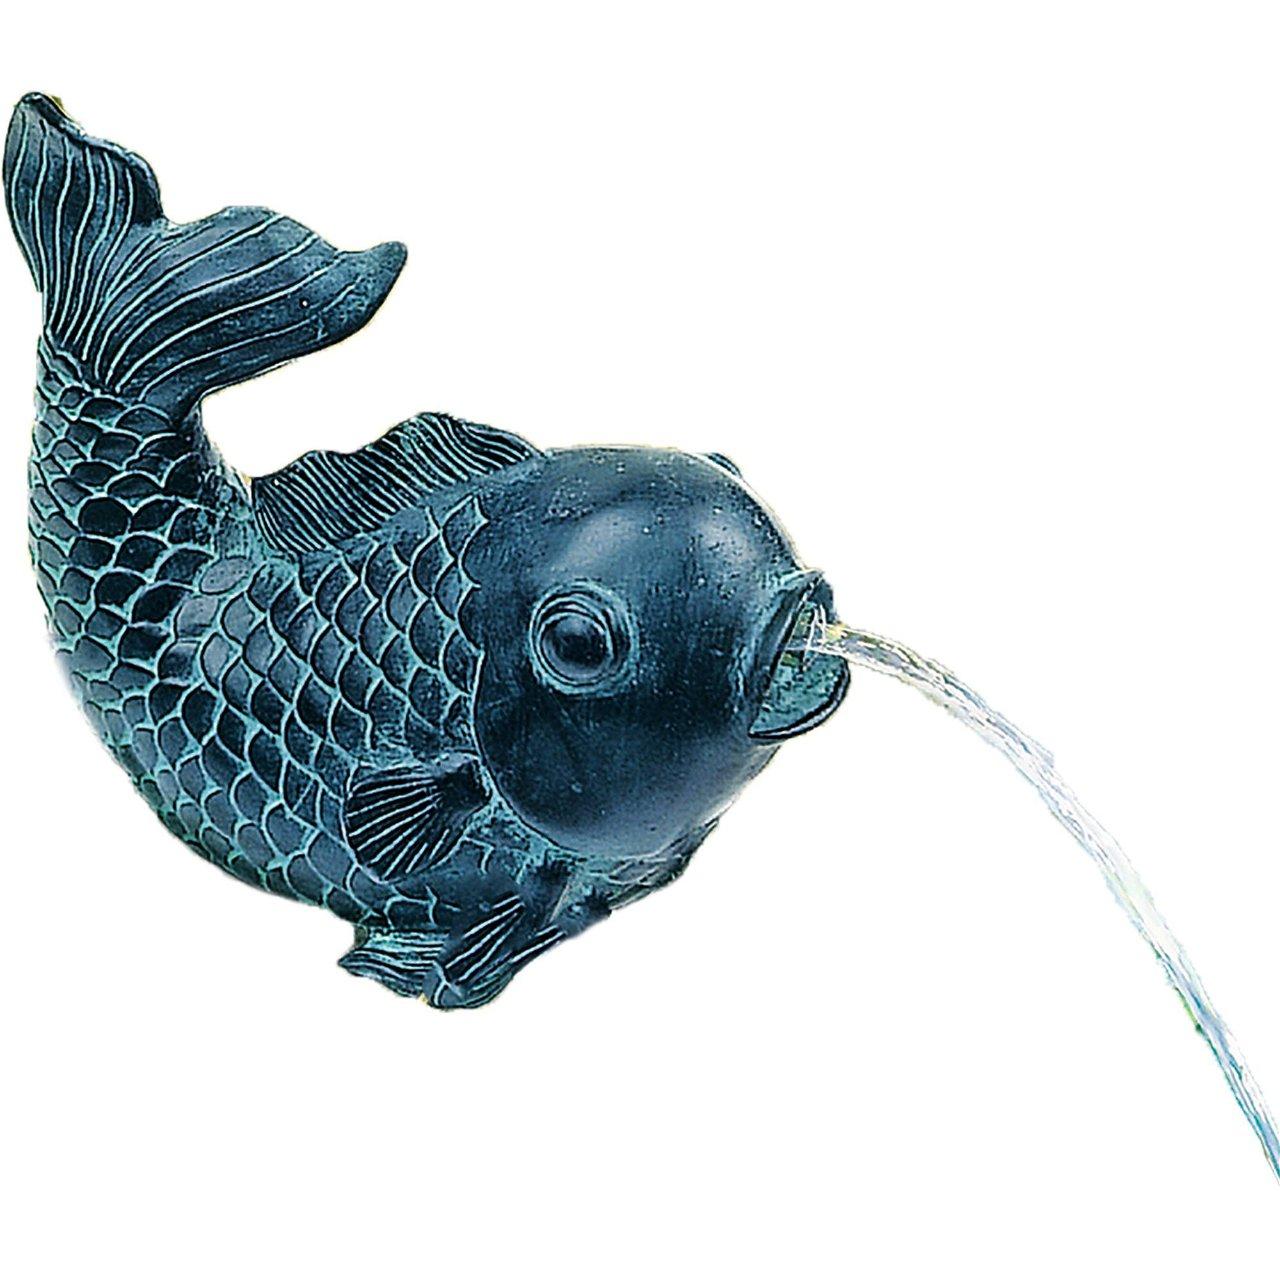 Teichfigur Speier  Fisch  Dekor Bronze